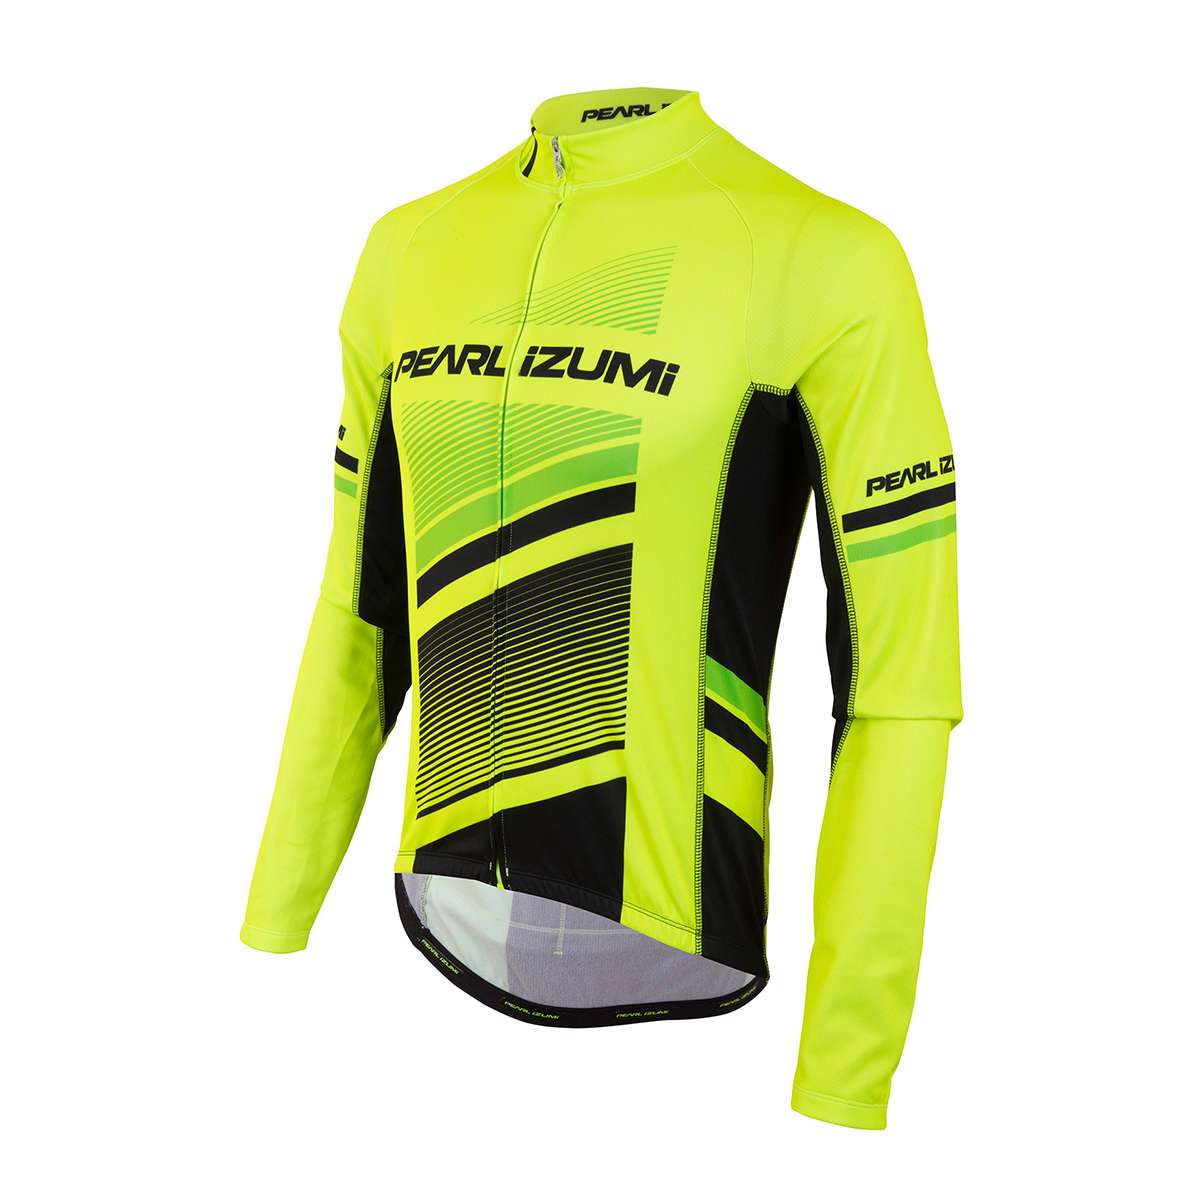 111210155FVS Pearl Izumi Elite Thermal LTD Jersey